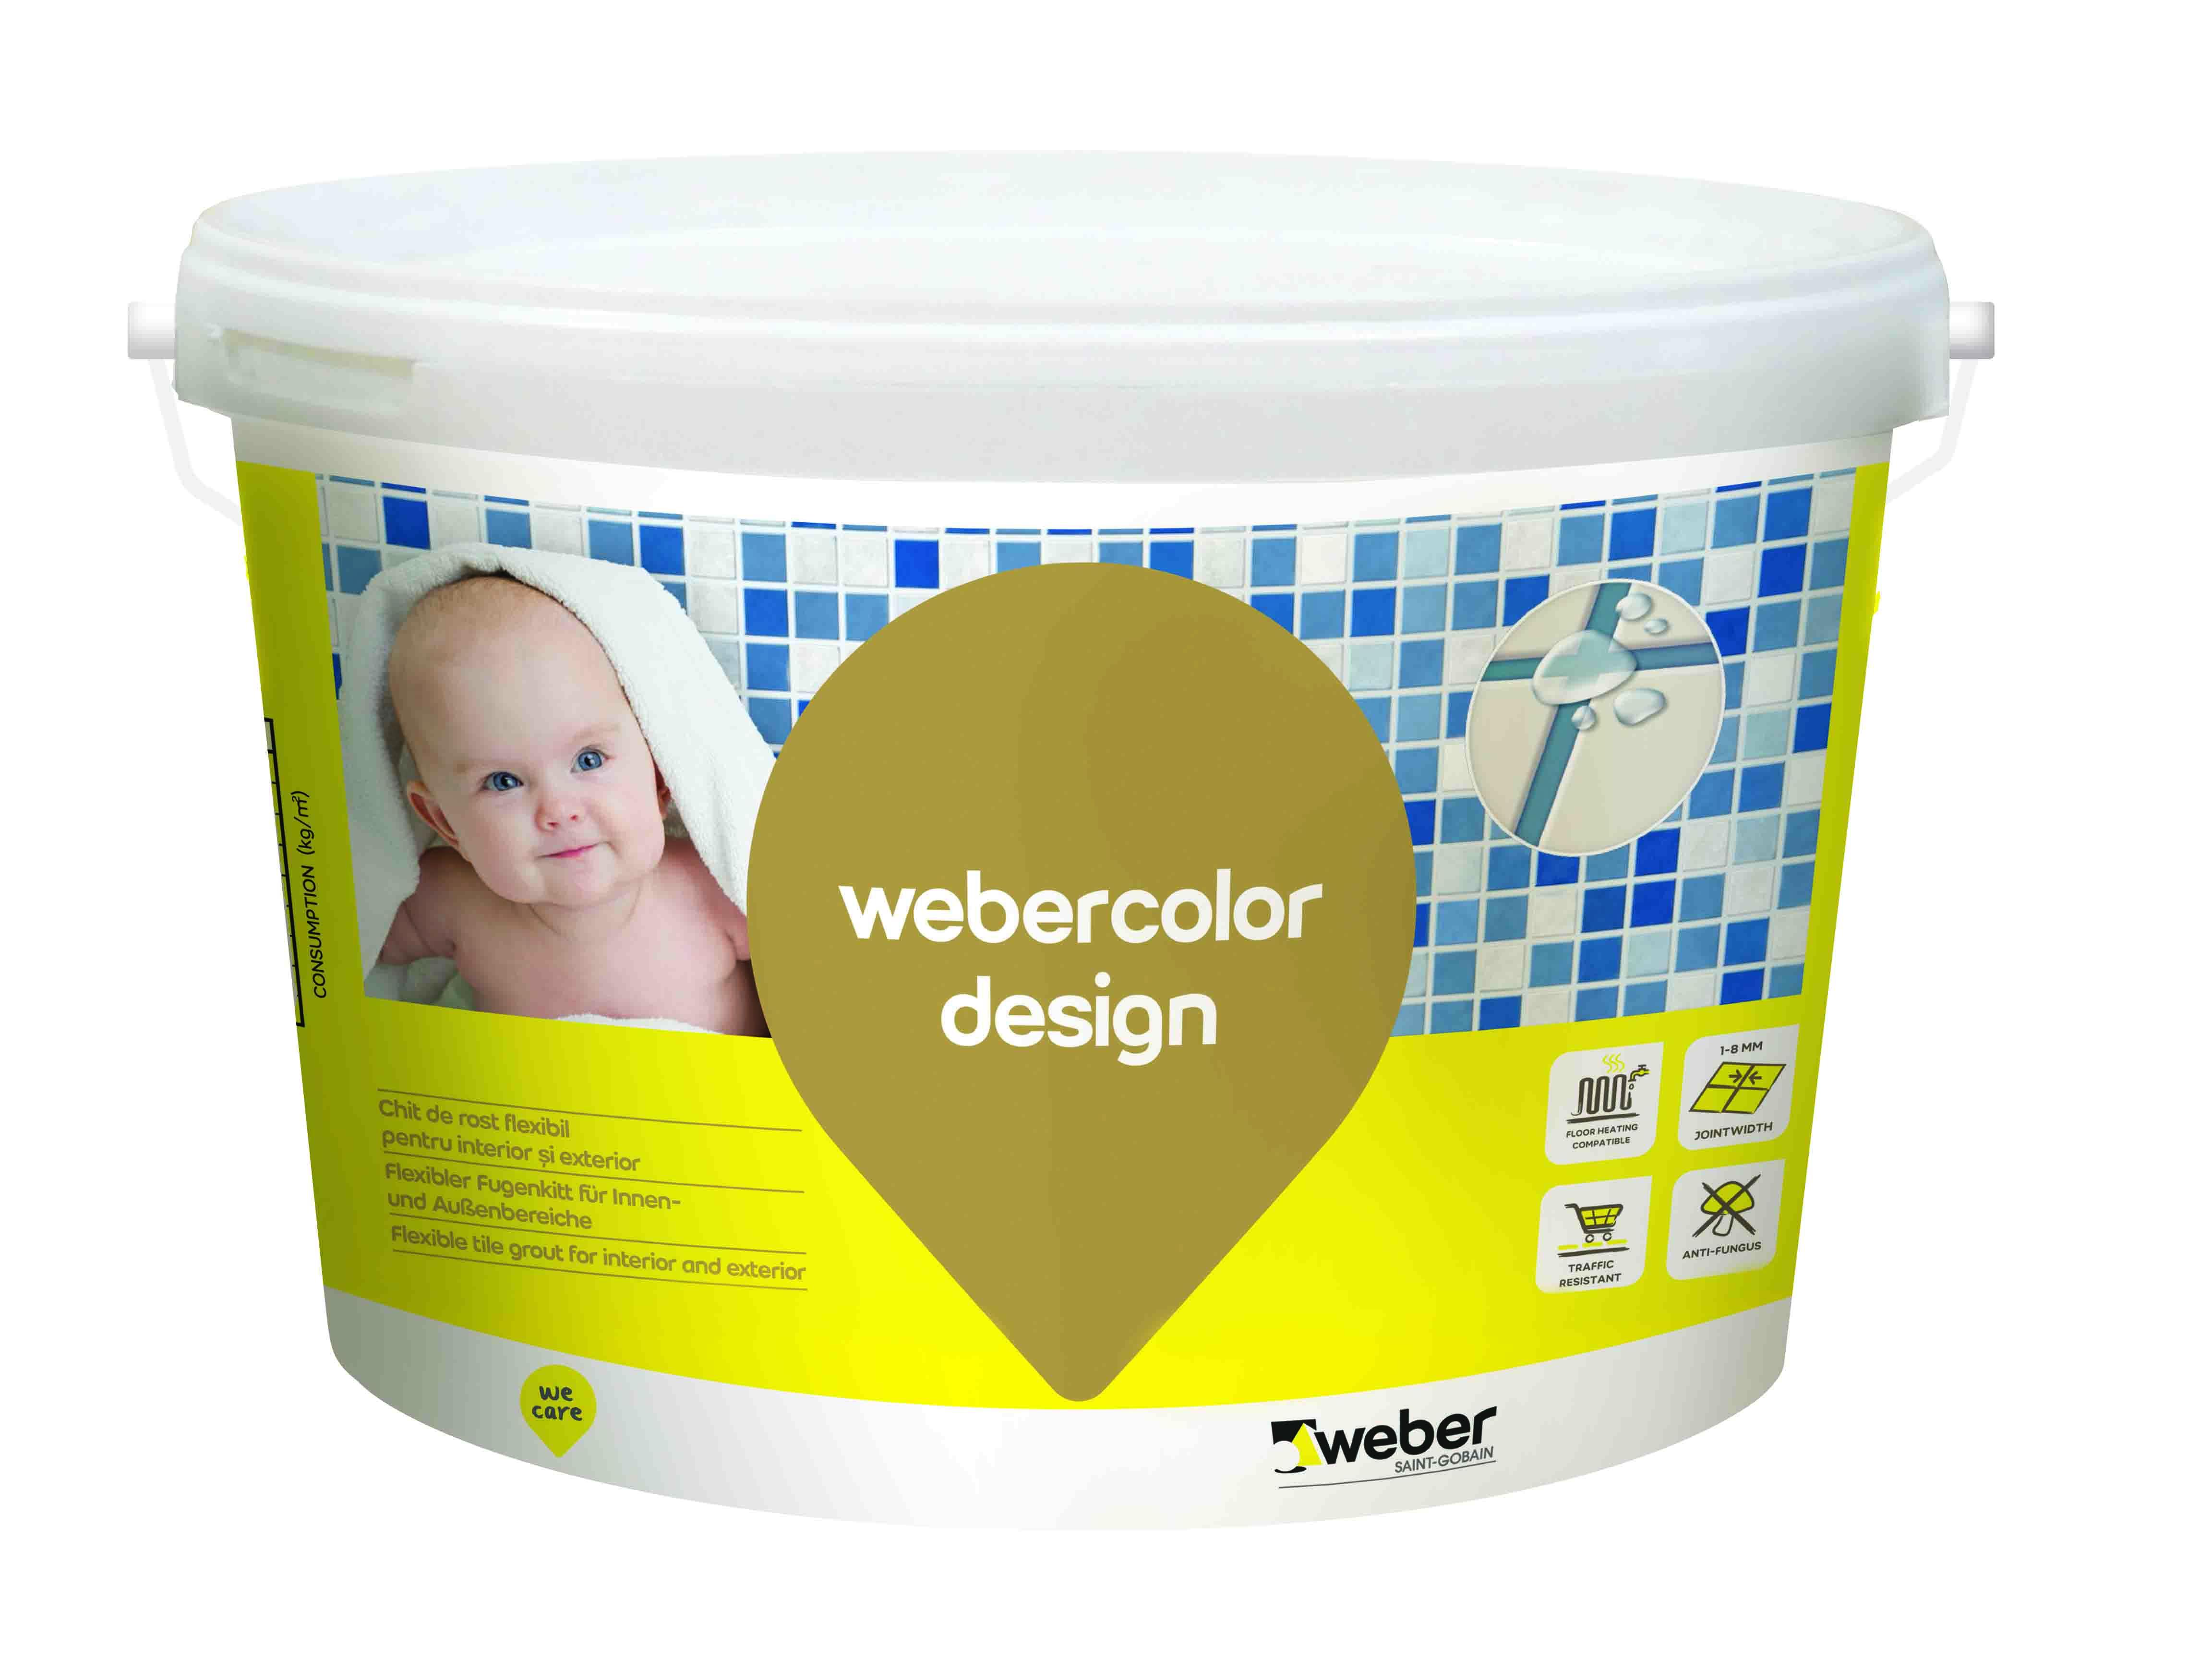 Chit pt rosturi Fuga Weber design brick 5 kg R415